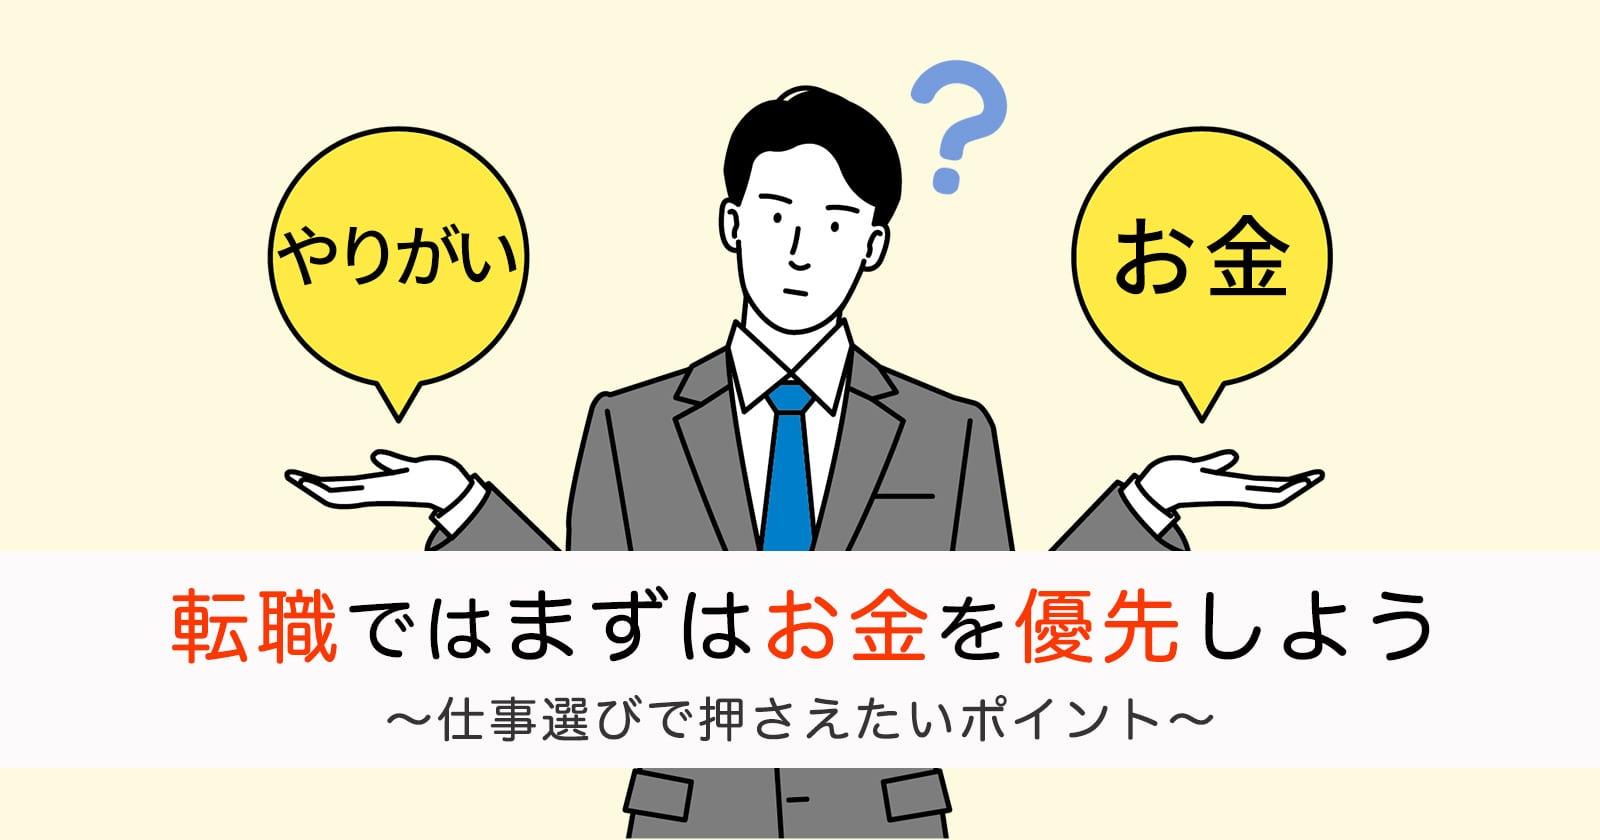 仕事をやりがいかお金で選ぶなら、まずはお金を優先するべき理由